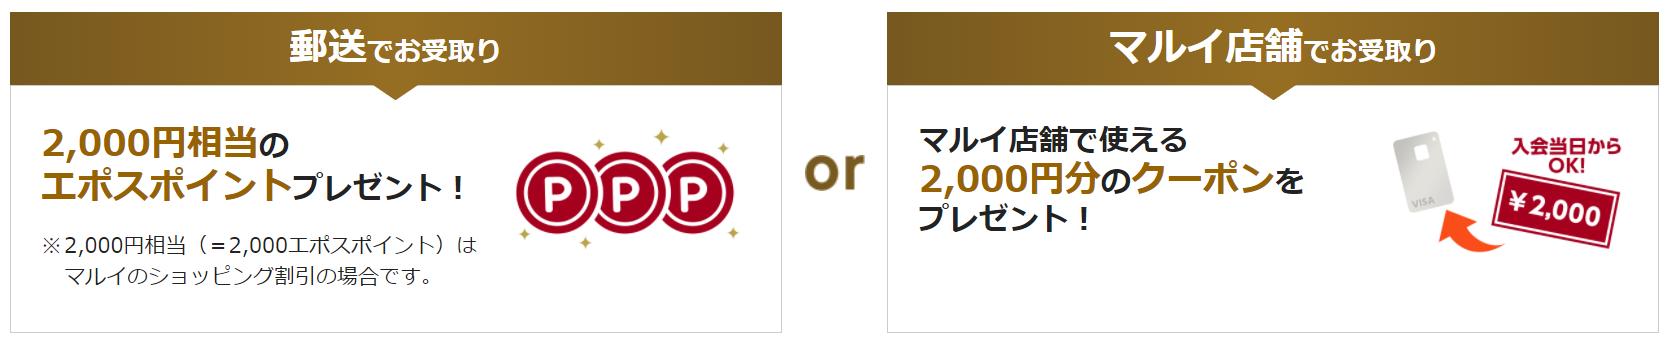 エポスカード_入会キャンペーン